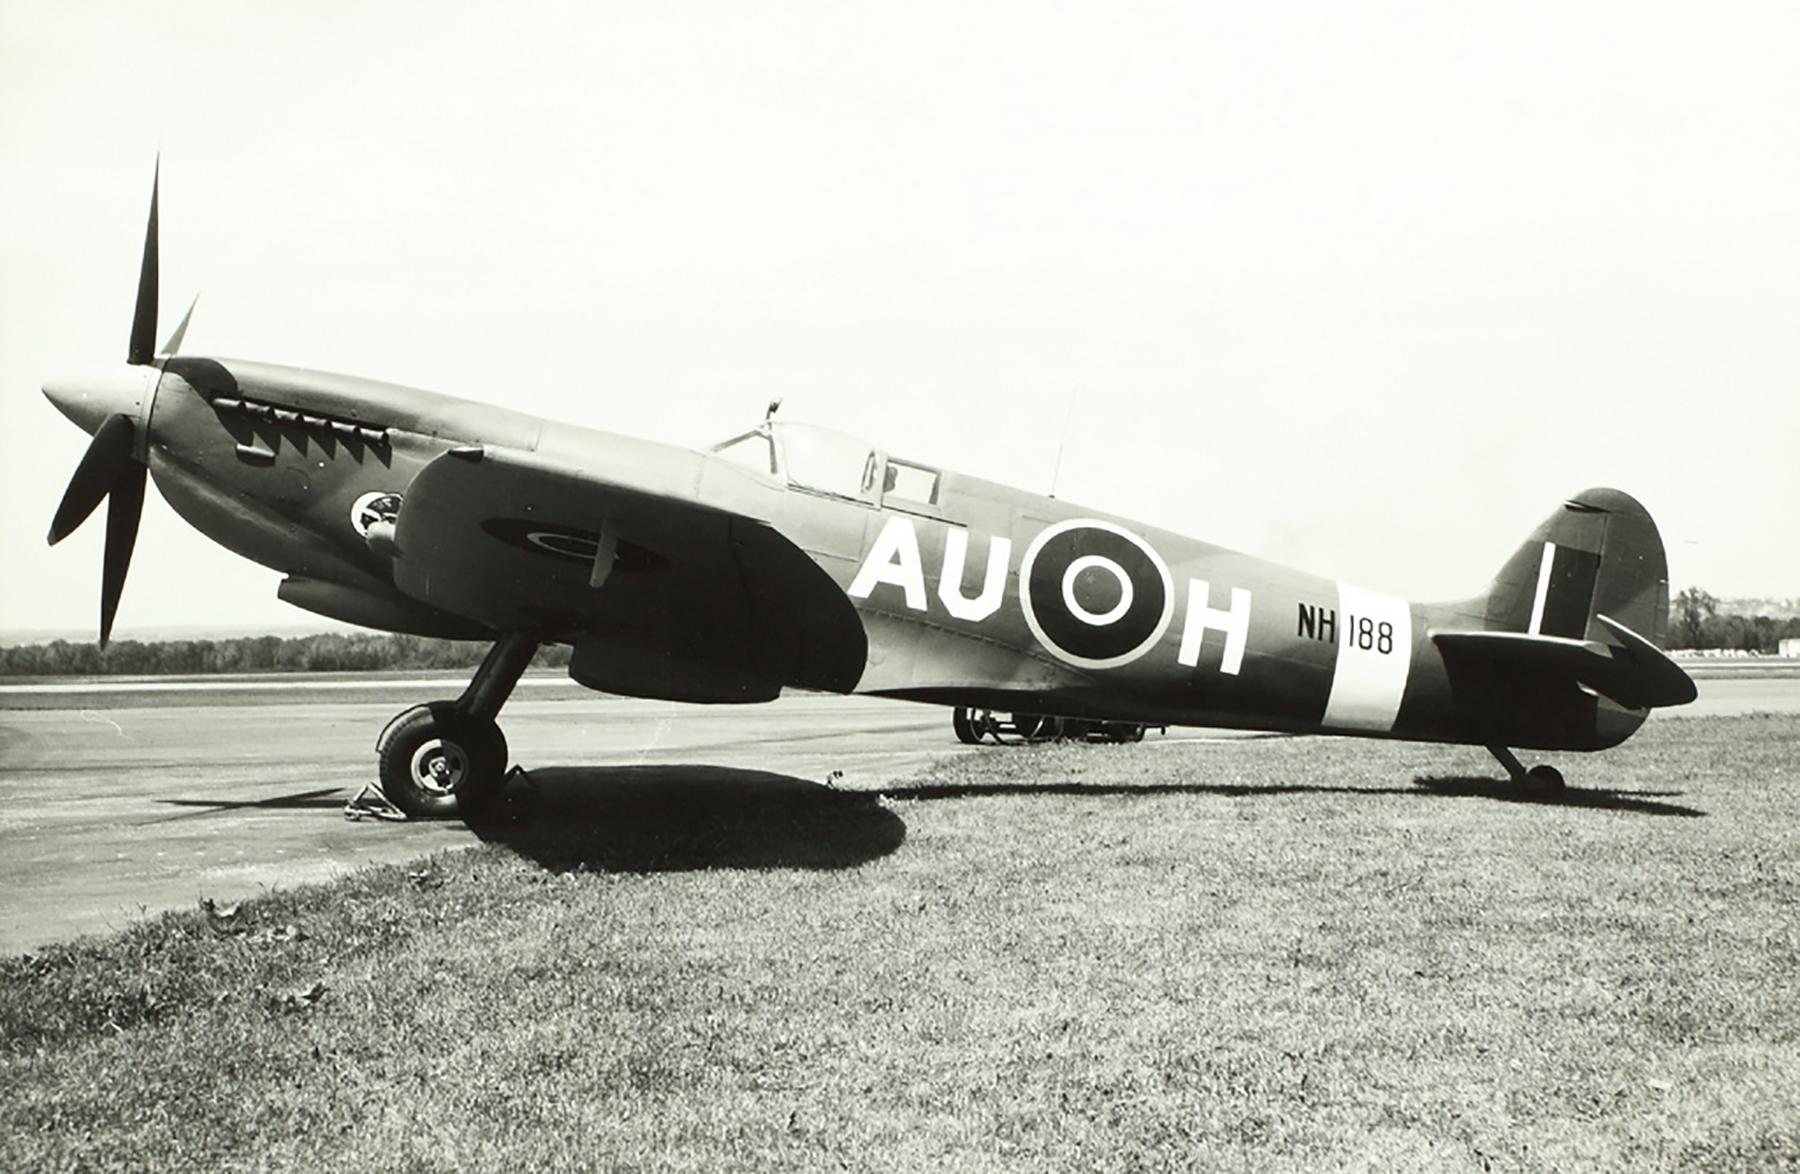 Spitfire LFIX RCAF 421Sqn AUH NH188 01